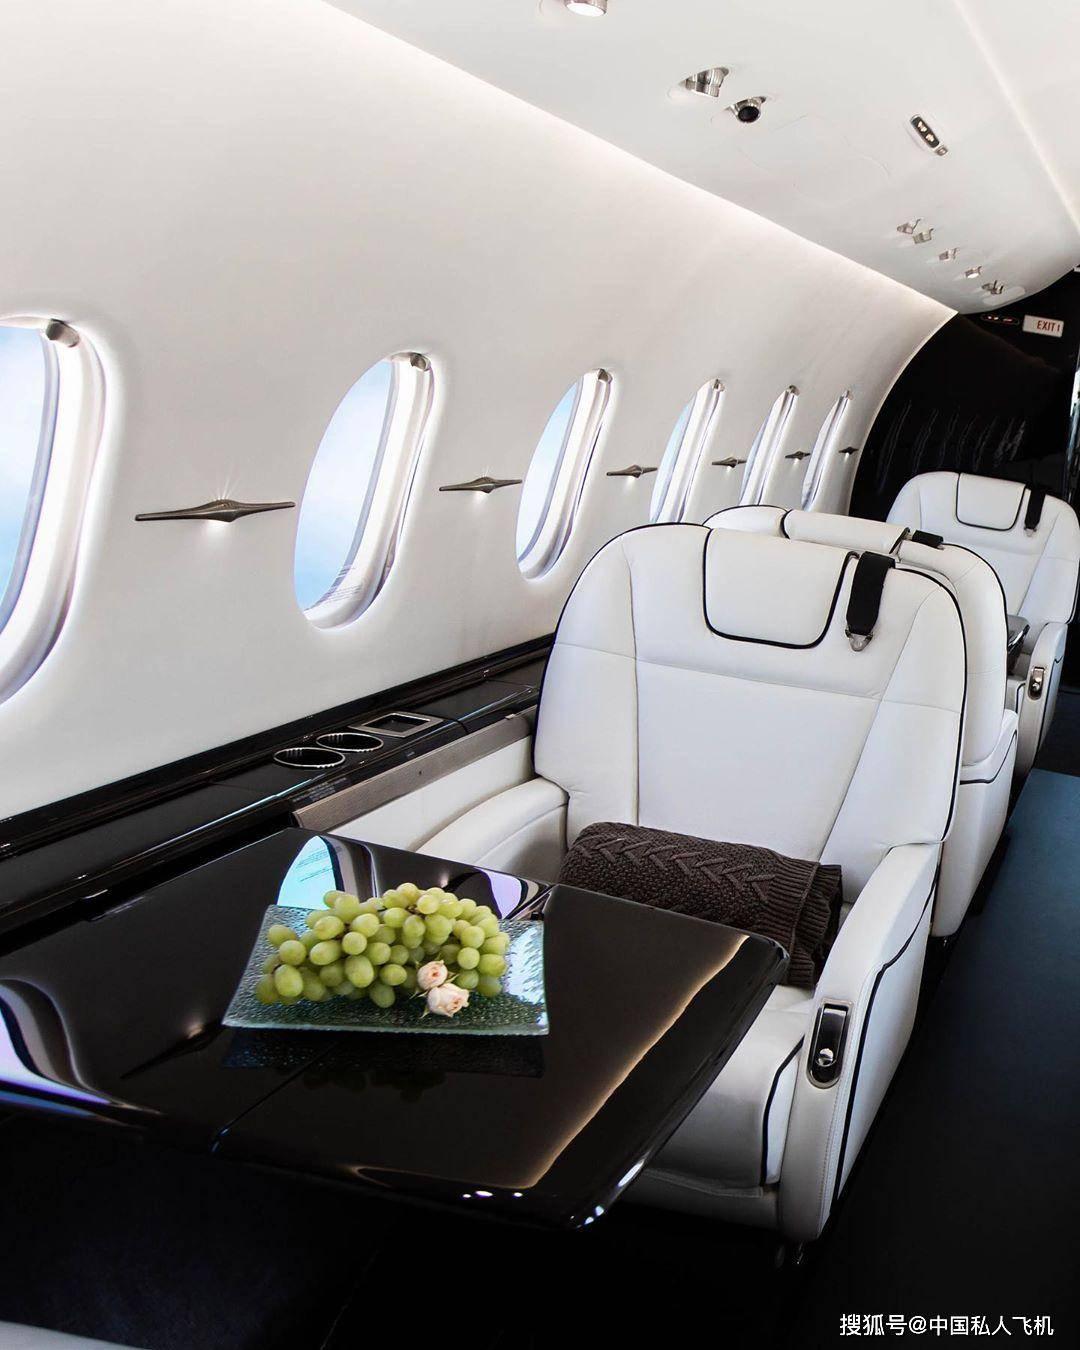 国内明星谁拥有私人飞机 看看最具人气的前6名